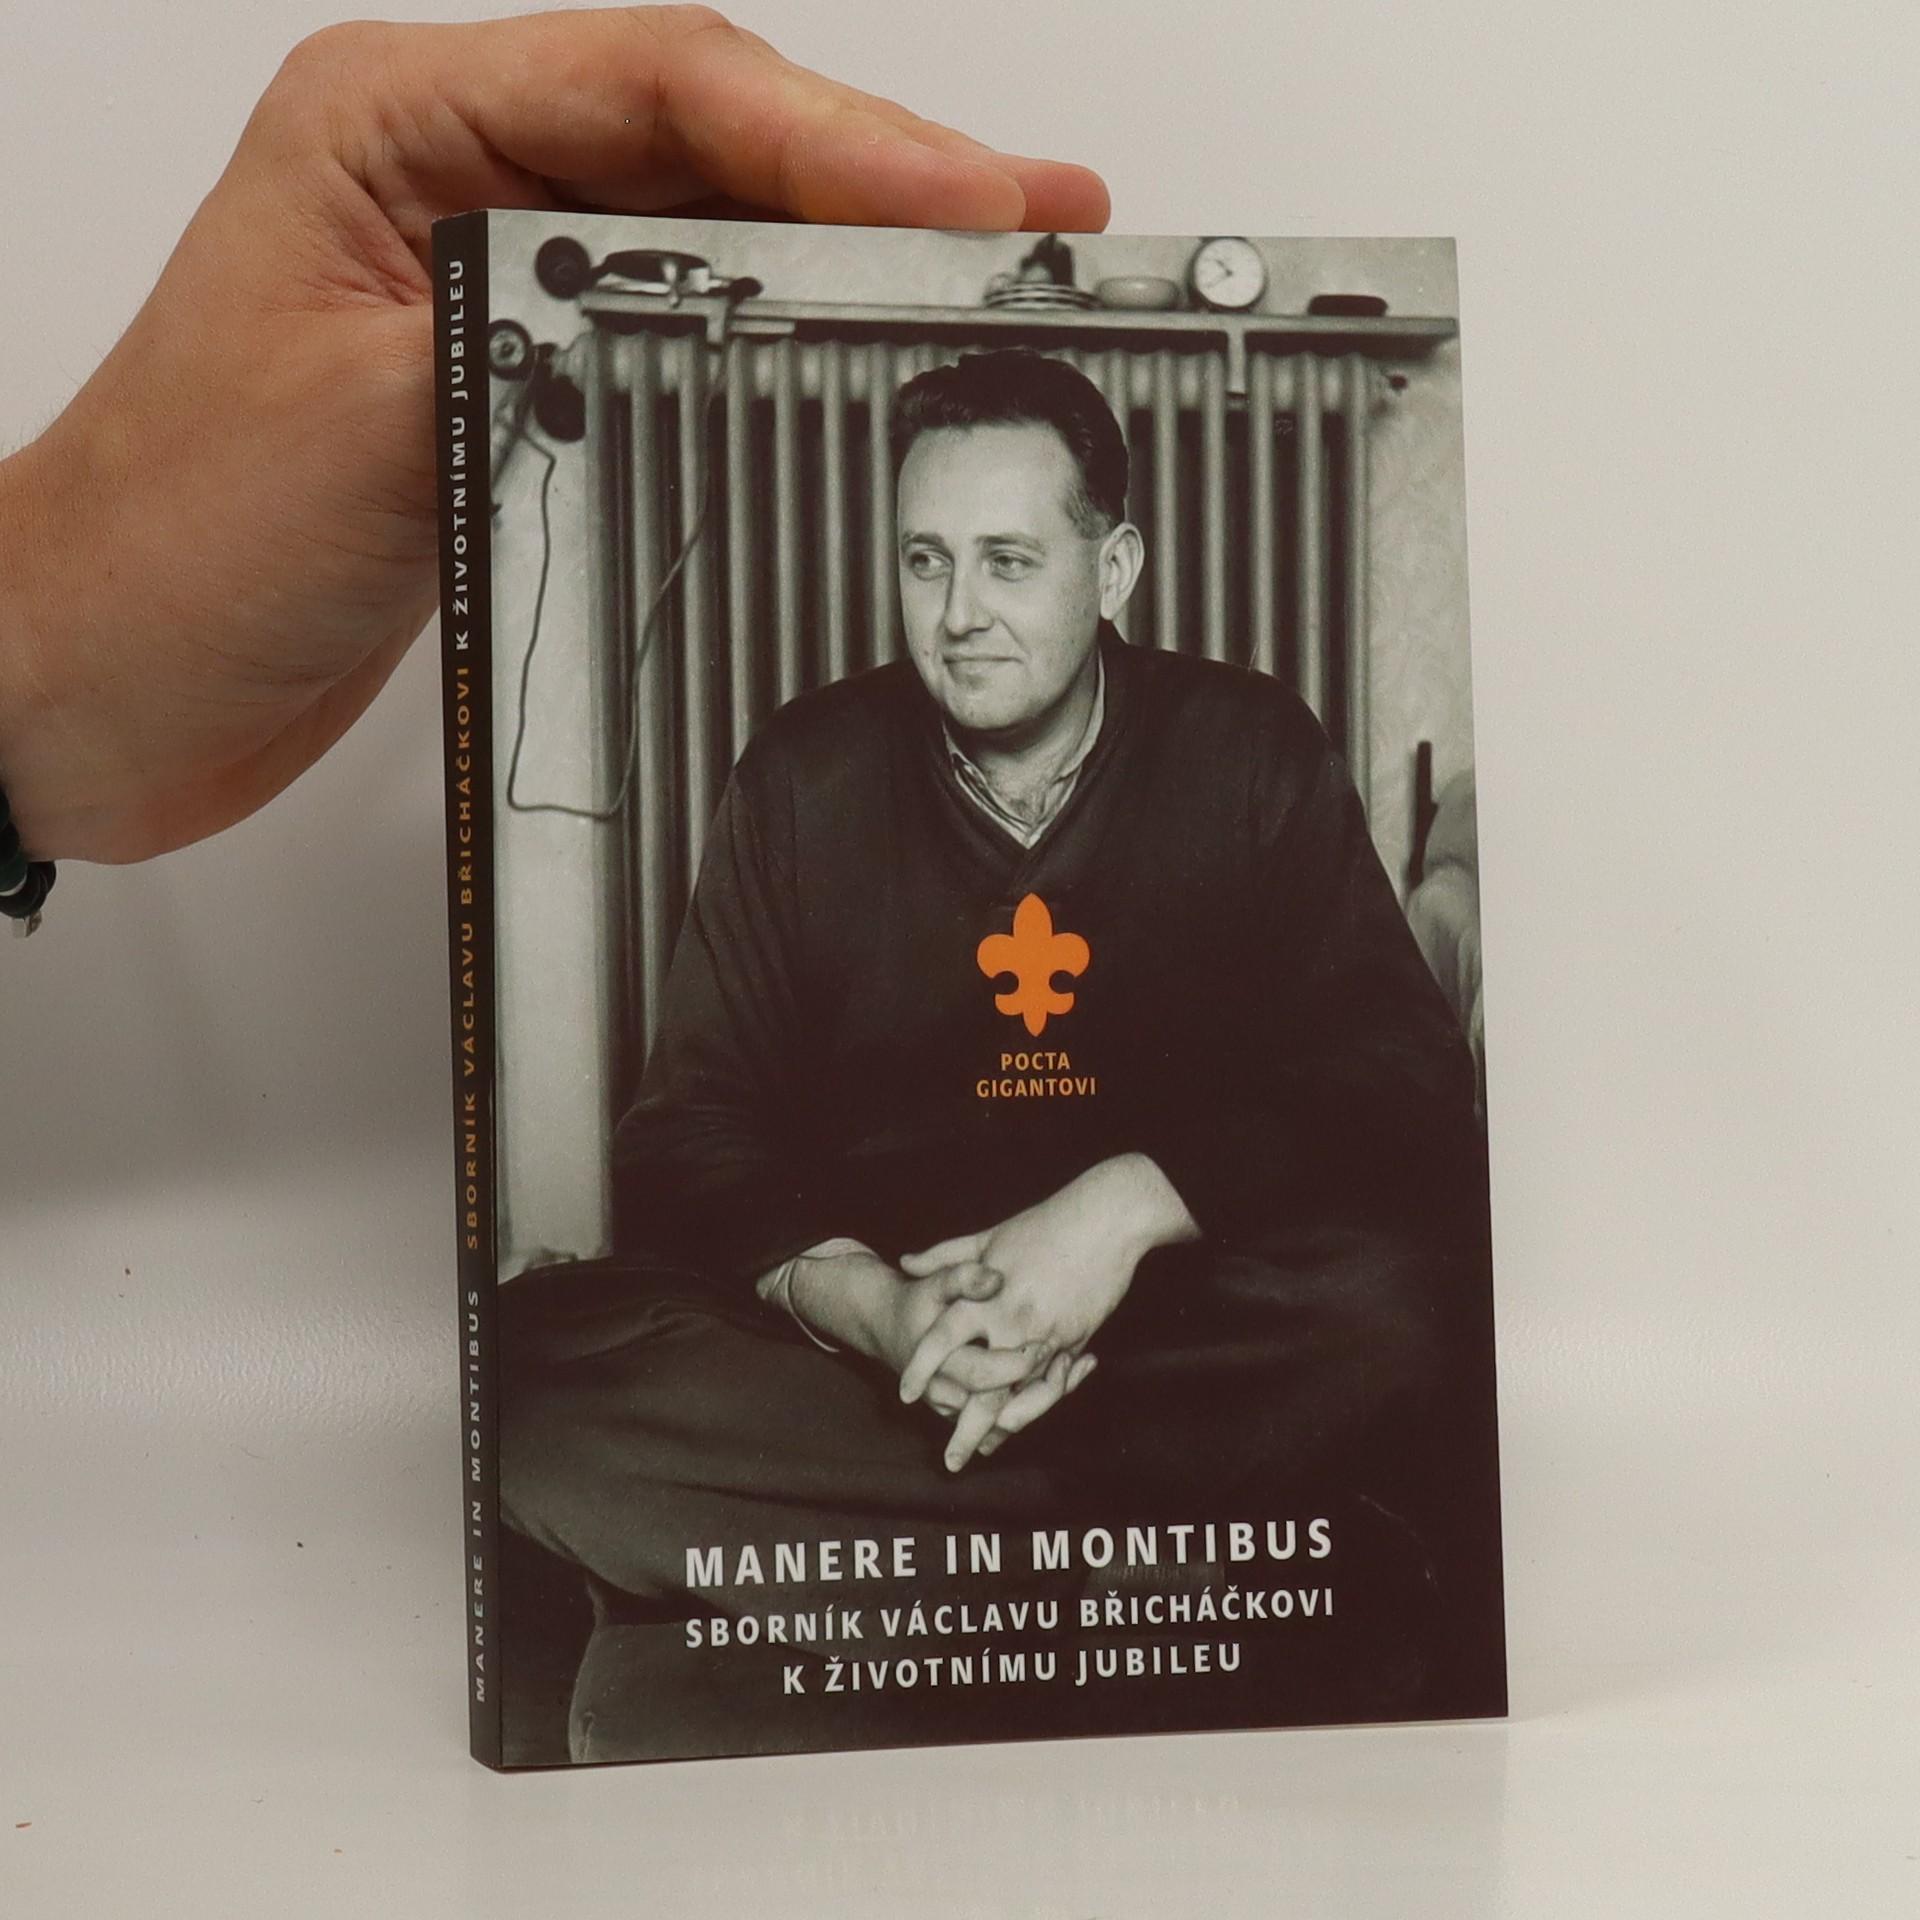 antikvární kniha Manere in montibus : sborník Václavu Břicháčkovi k životnímu jubileu, 2005